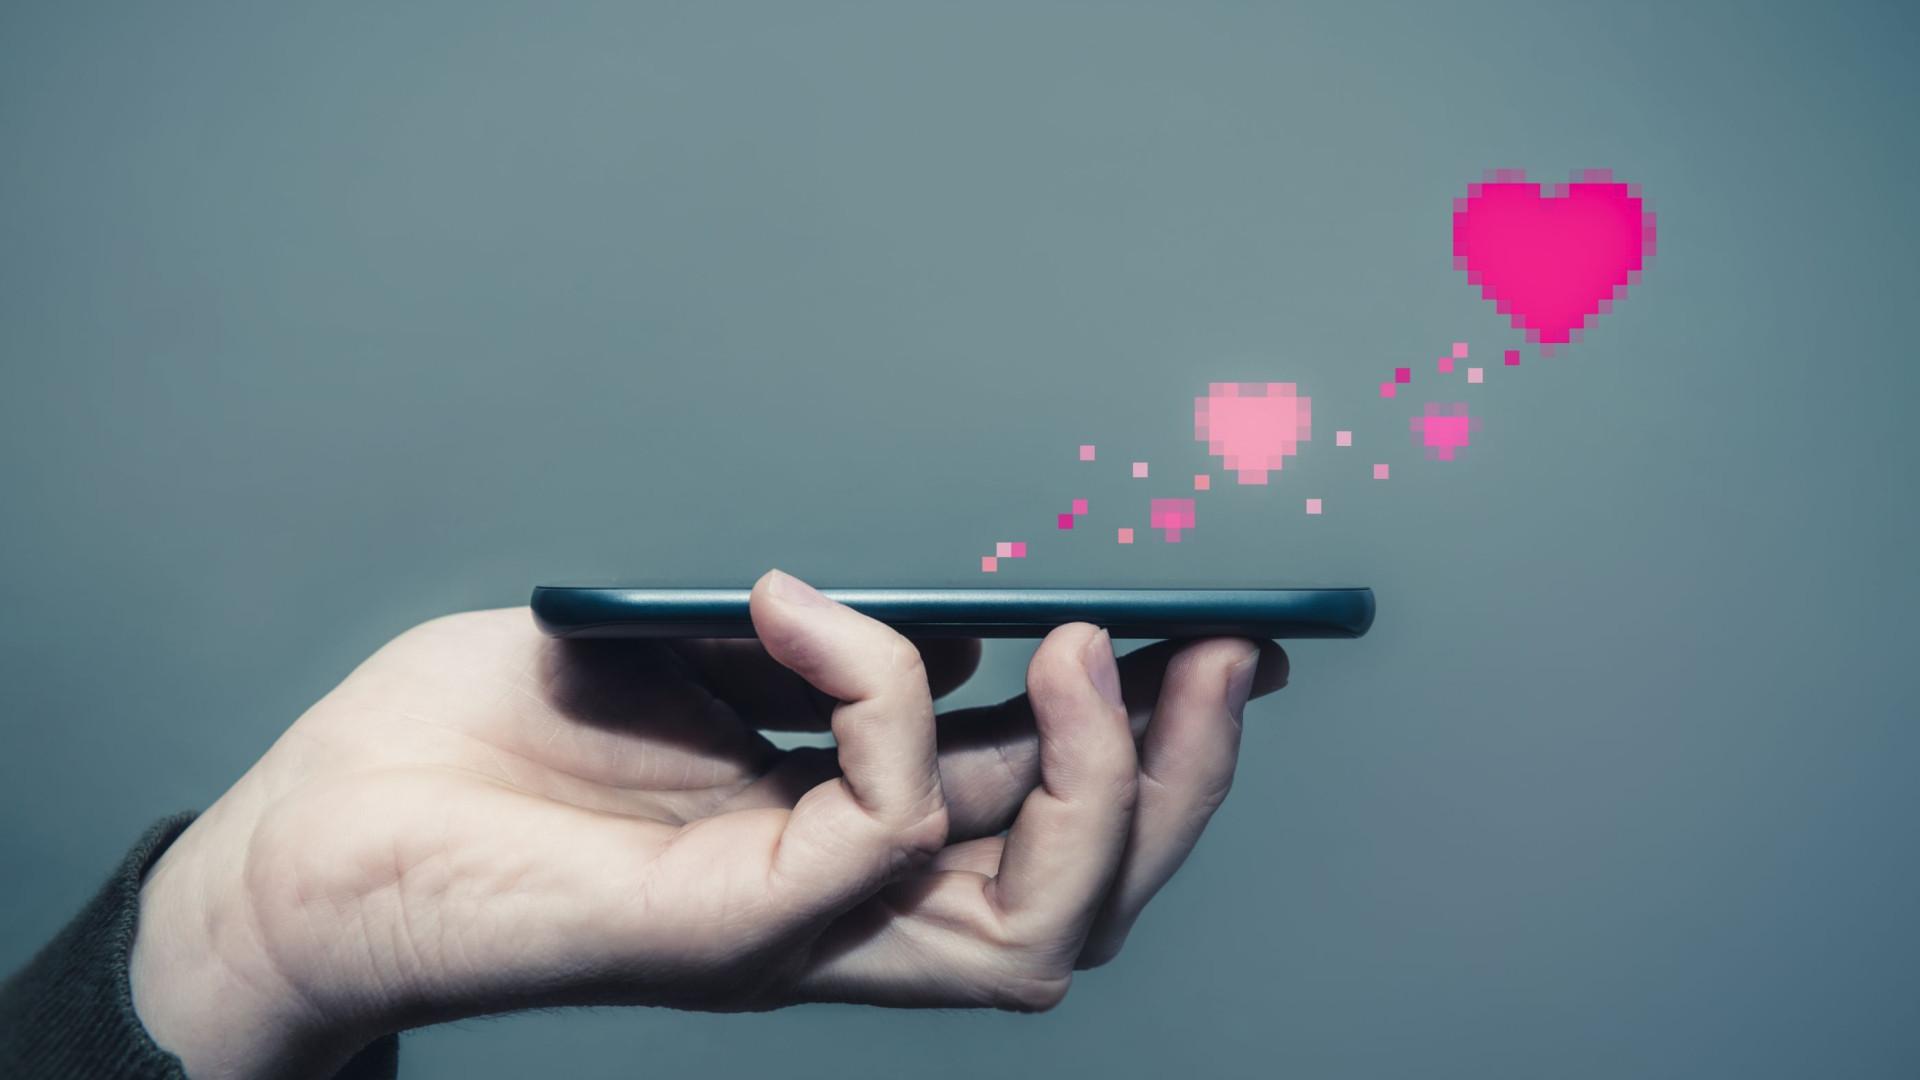 4,1 milhões de usuários pagam para usar o Tinder